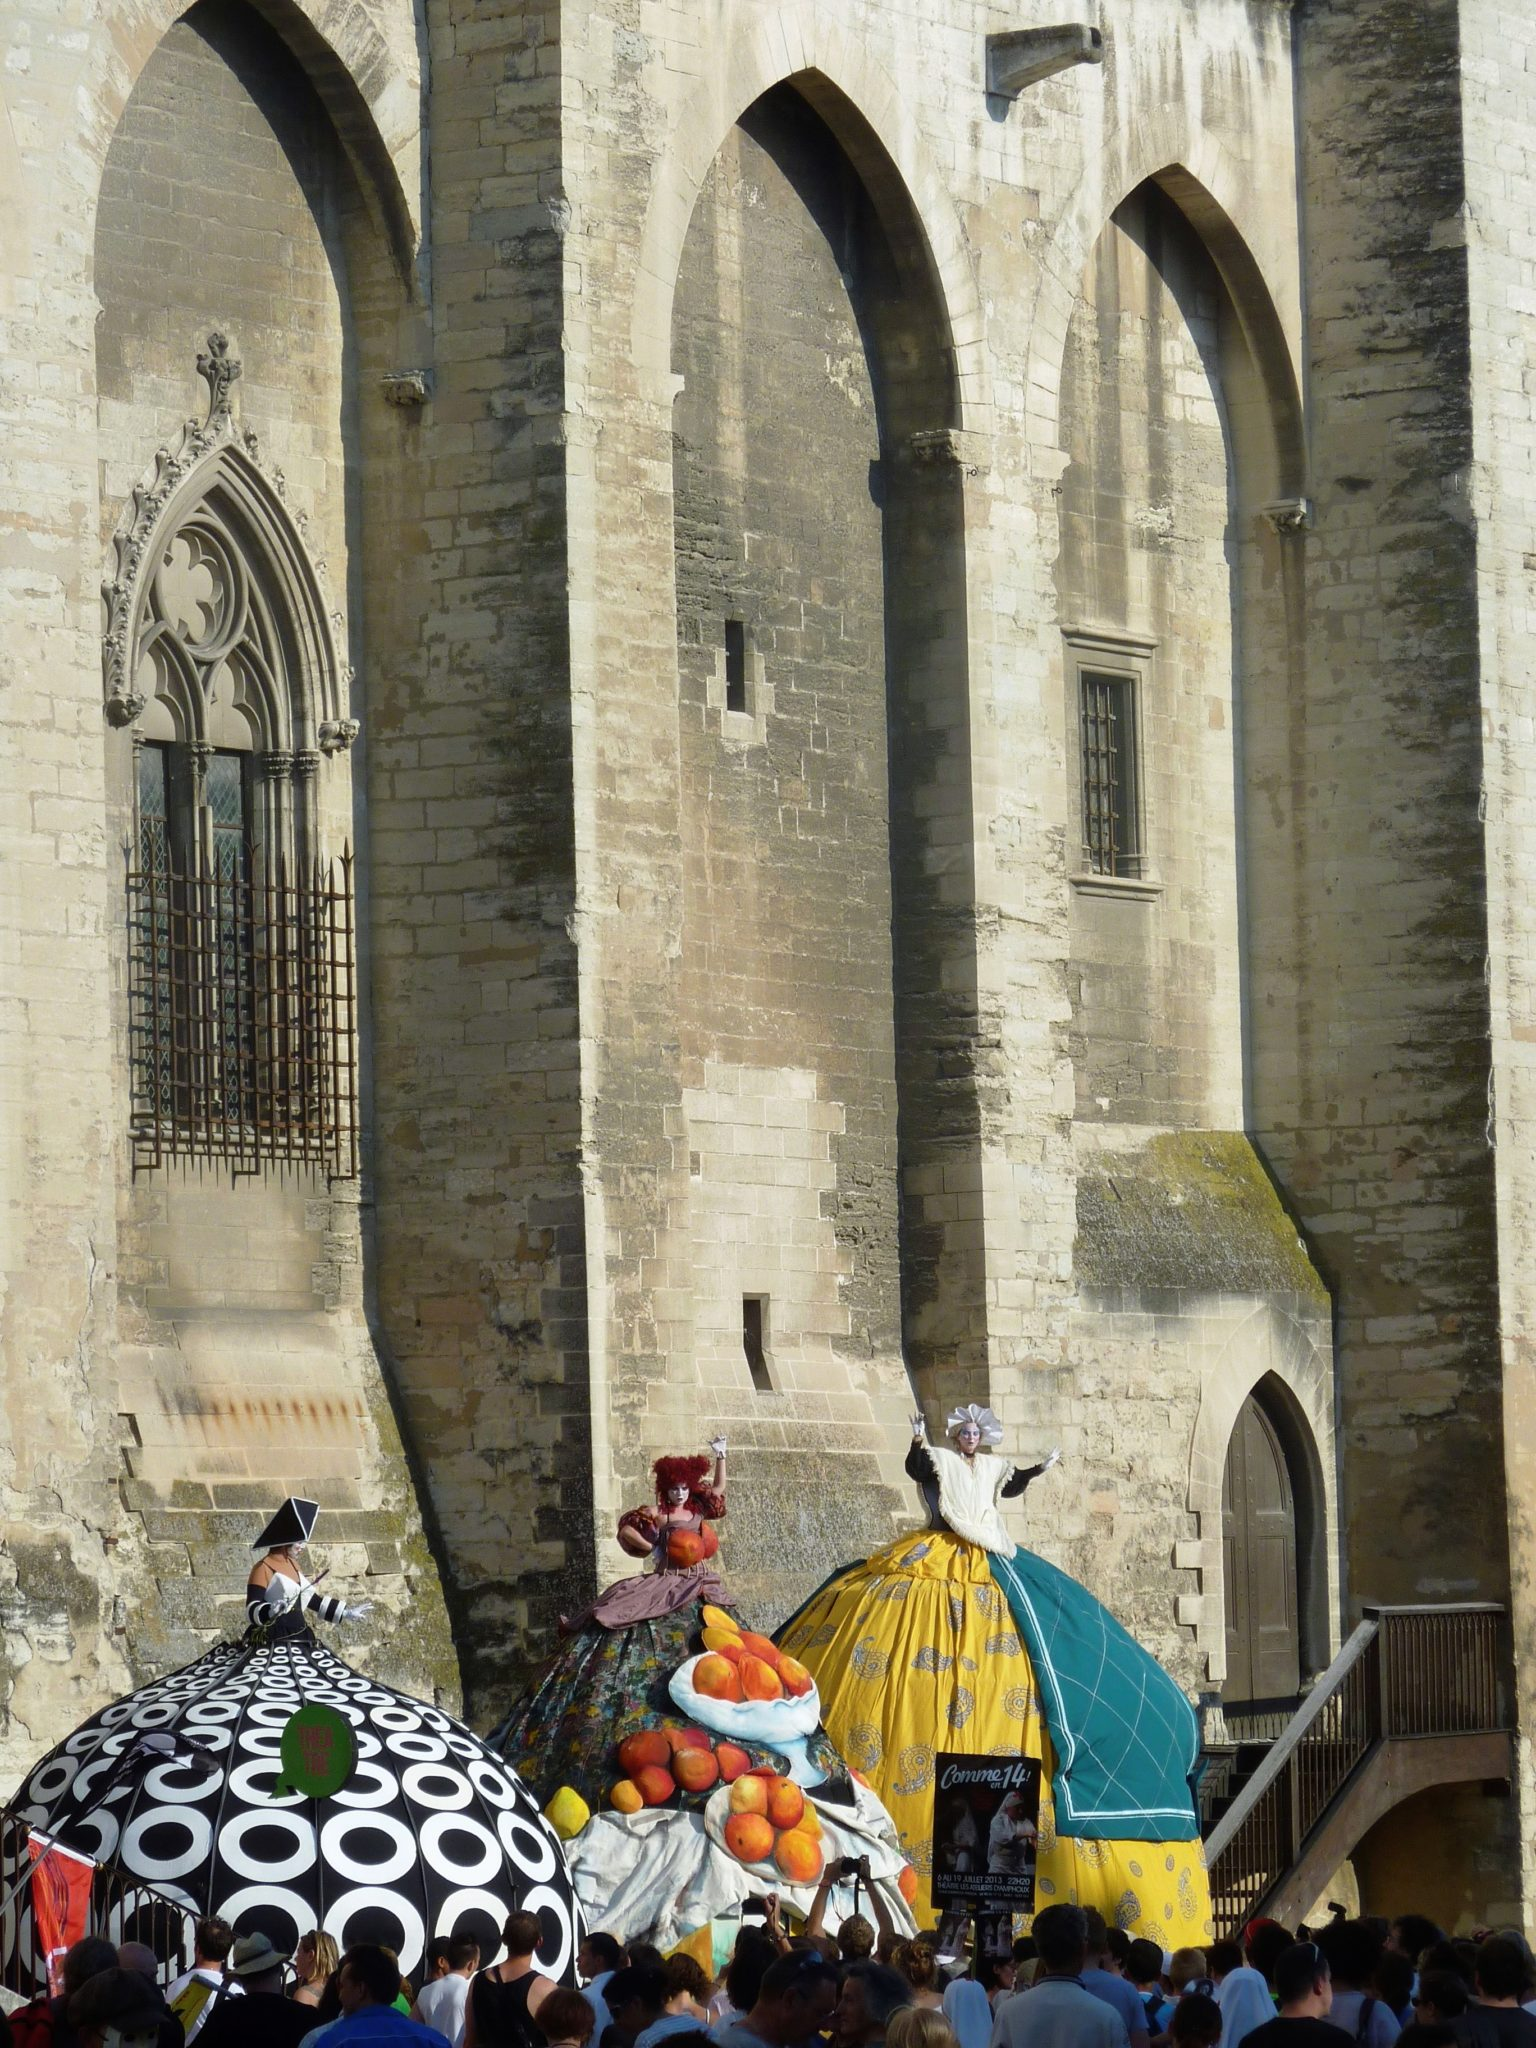 ©Ot d'Avignon